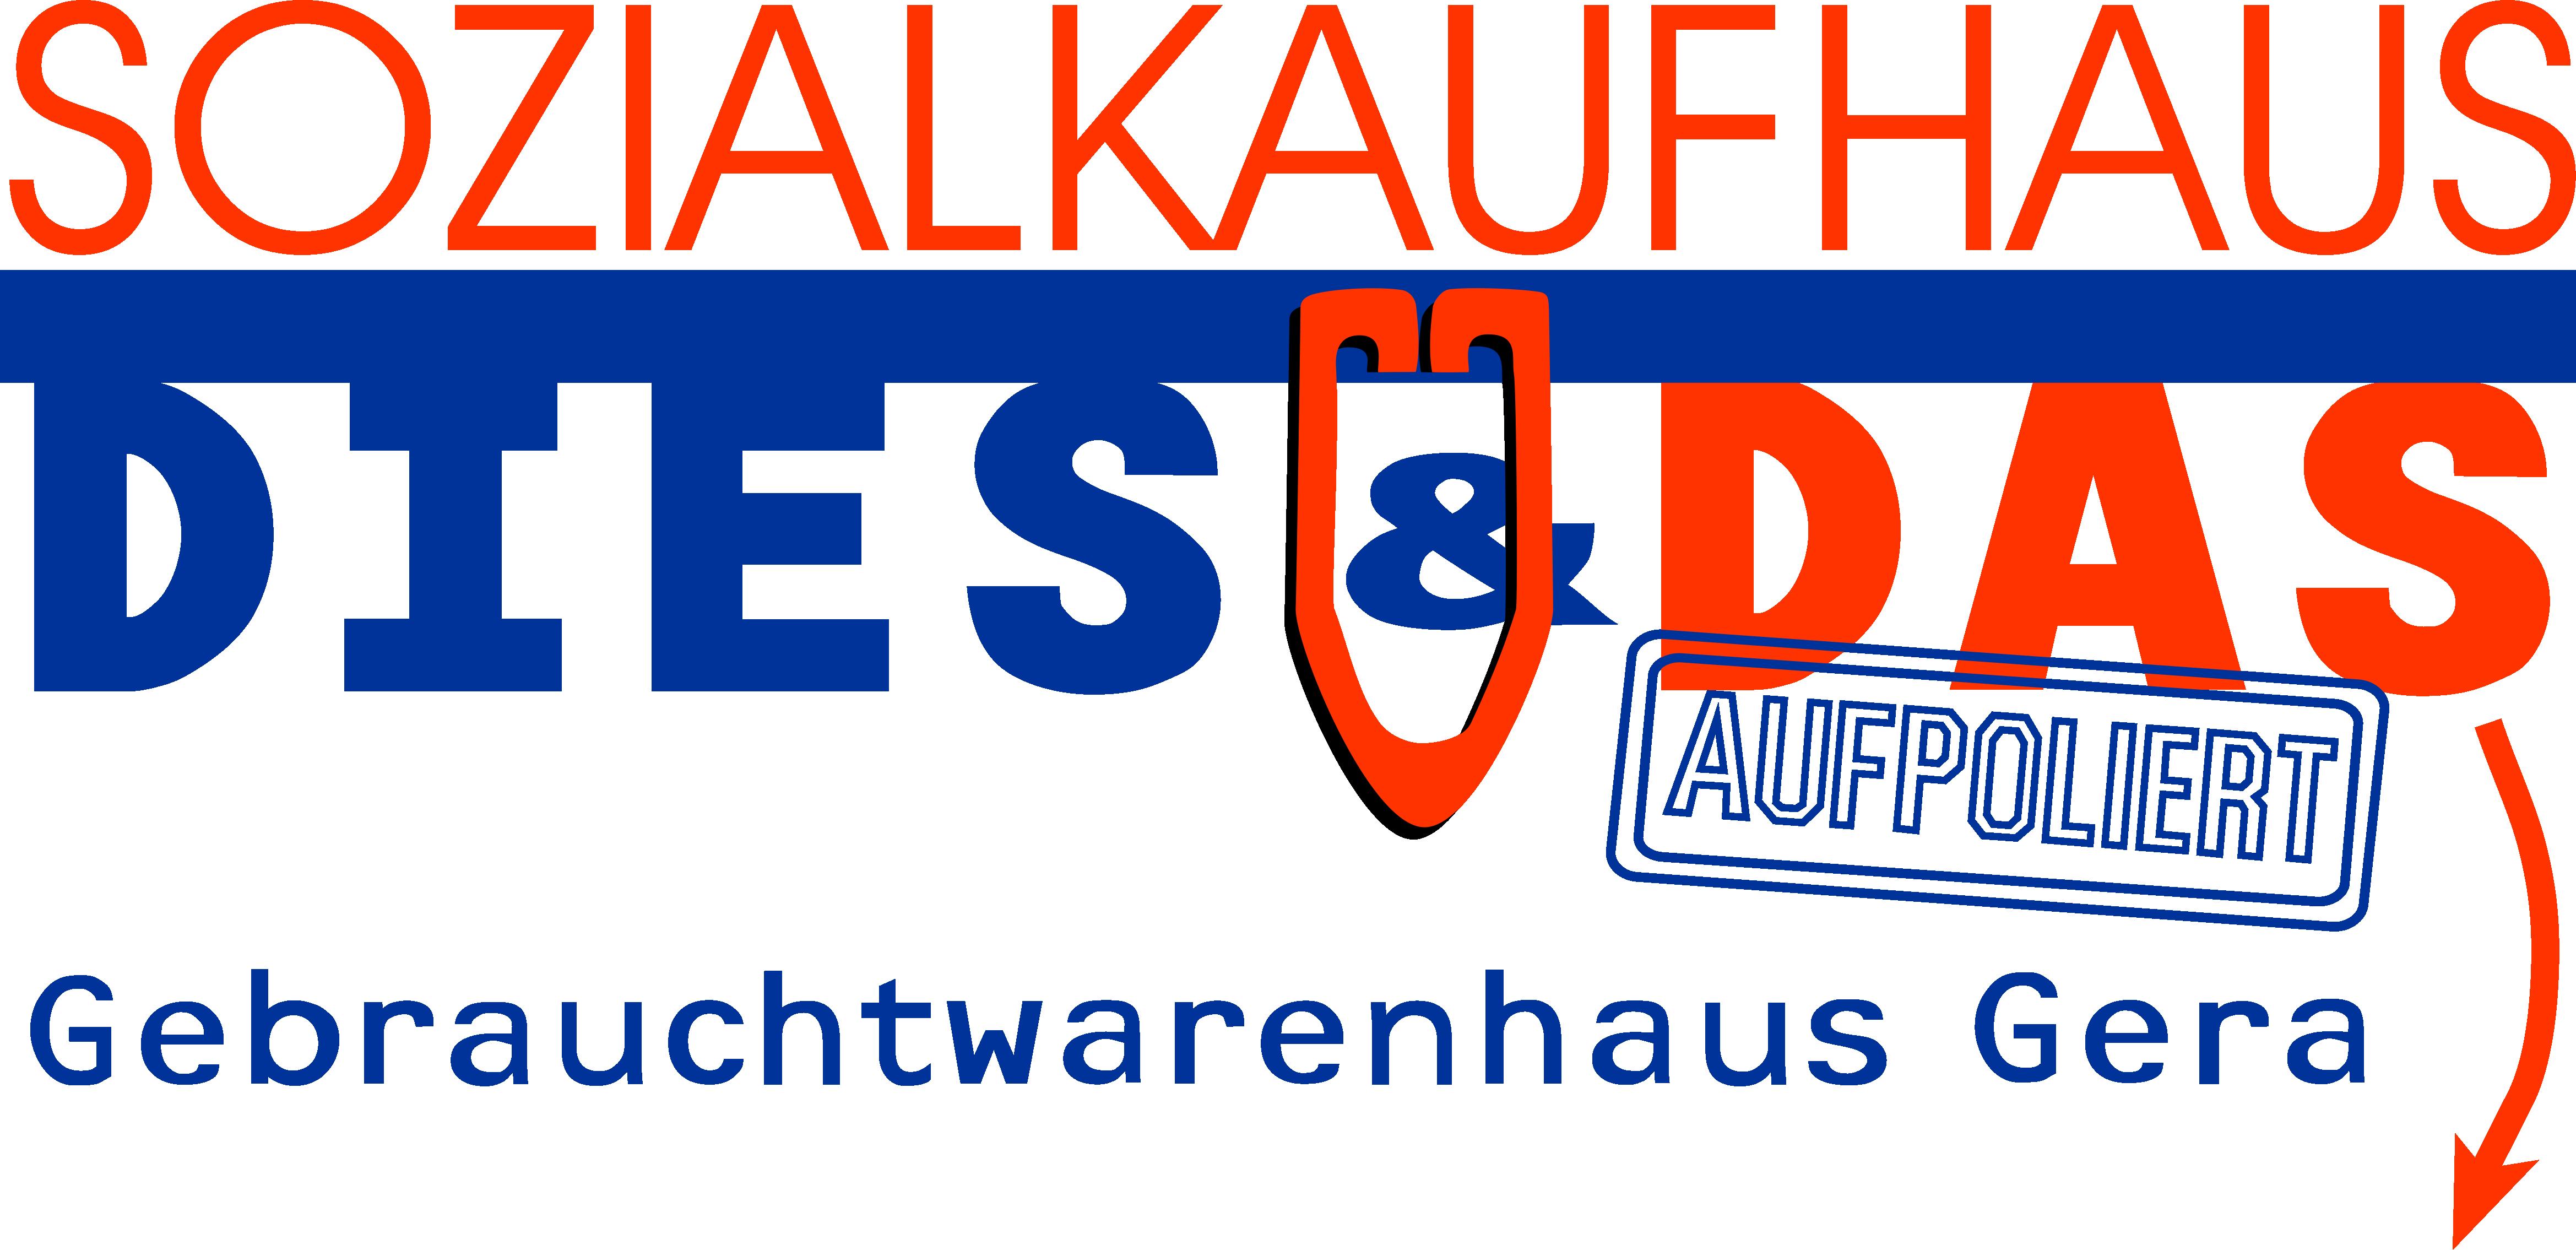 Logo des Gebrauchtwarenhauses mit Link zur Webseite.